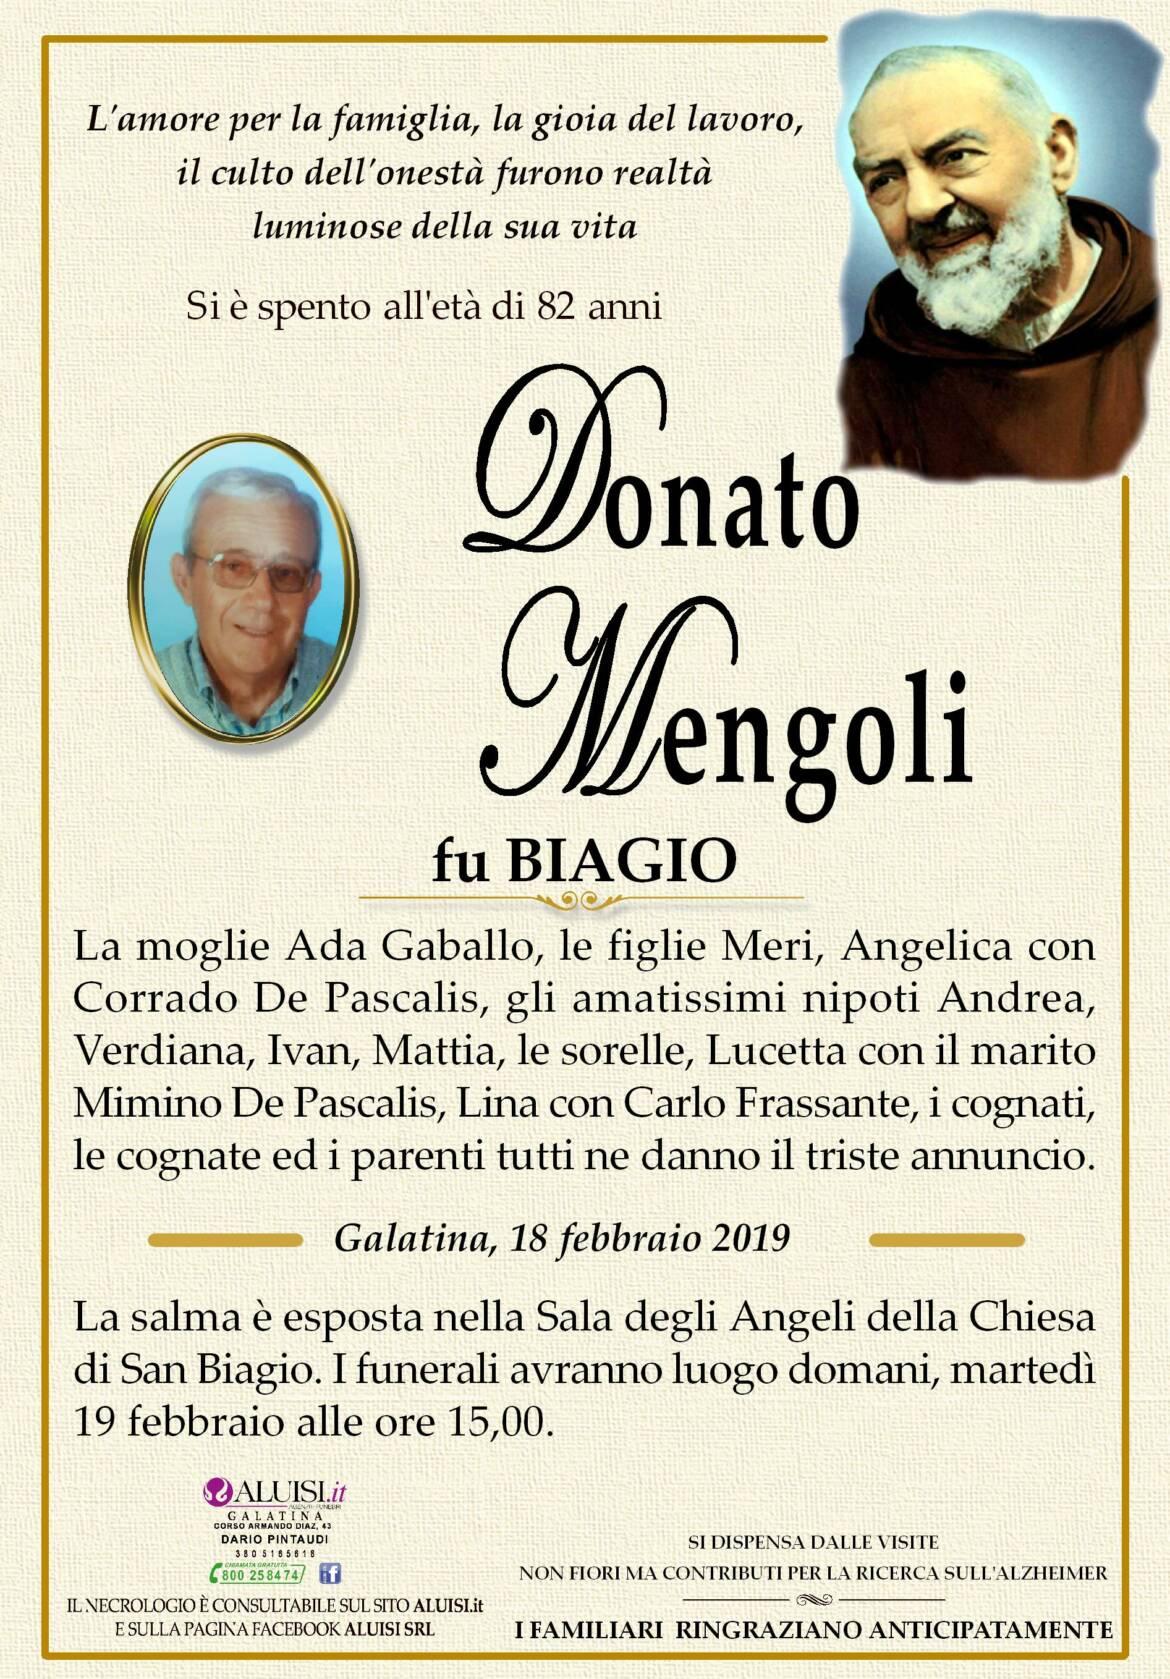 annuncio-Donato-mengoli-fb.jpg